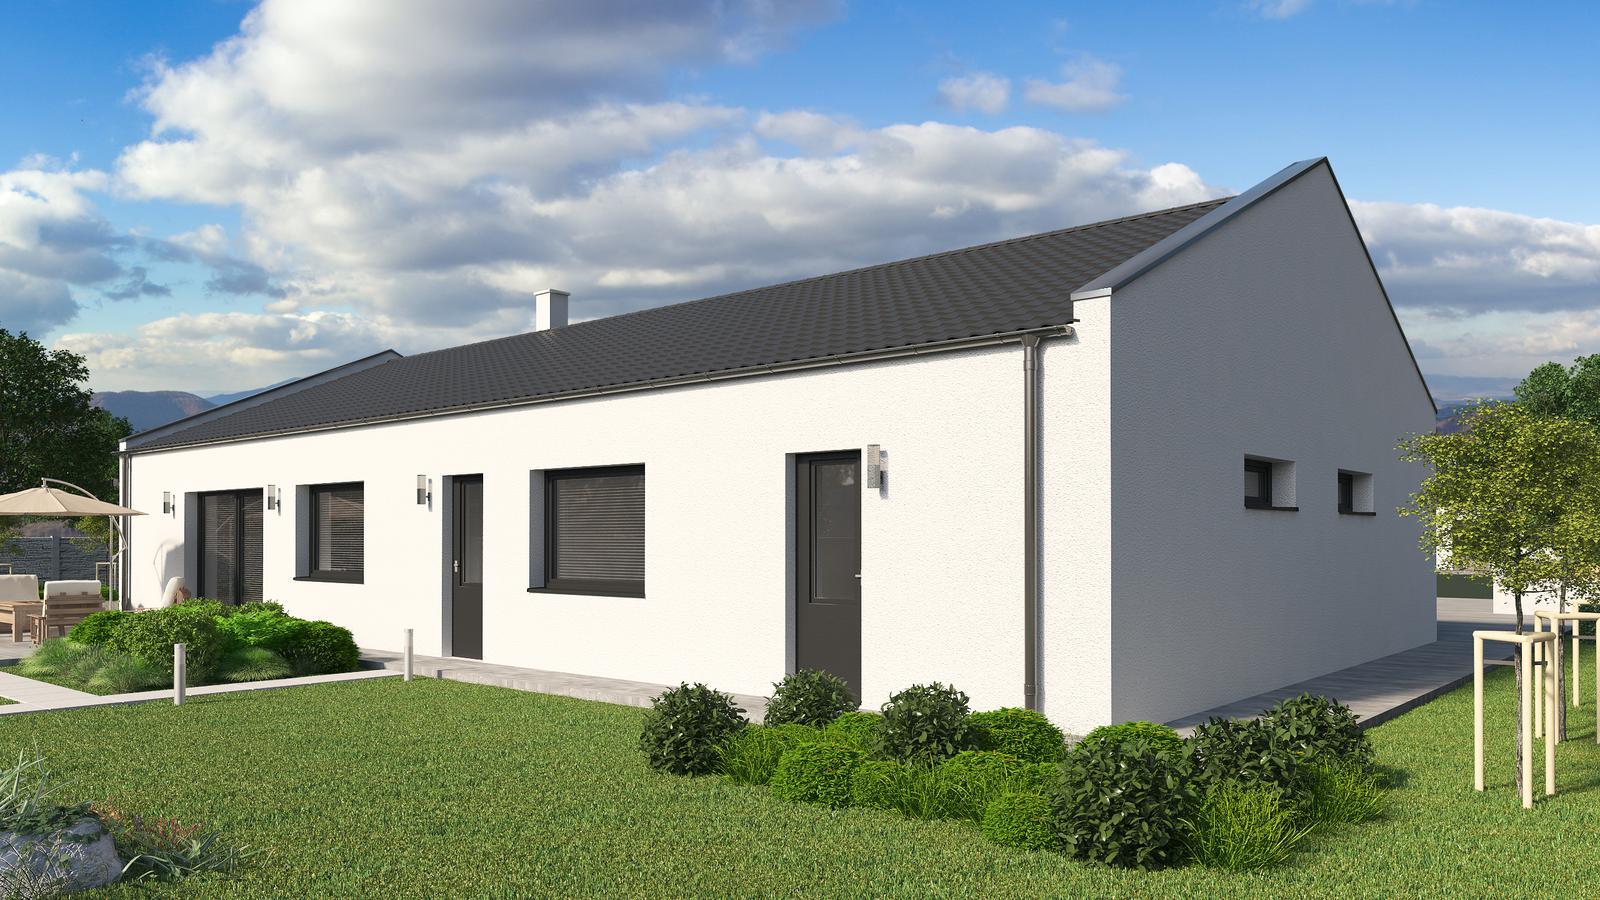 Ďalšie ukážky návrhov domčekov pre Vás - www.rodinny-dom.eu - Obrázok č. 26